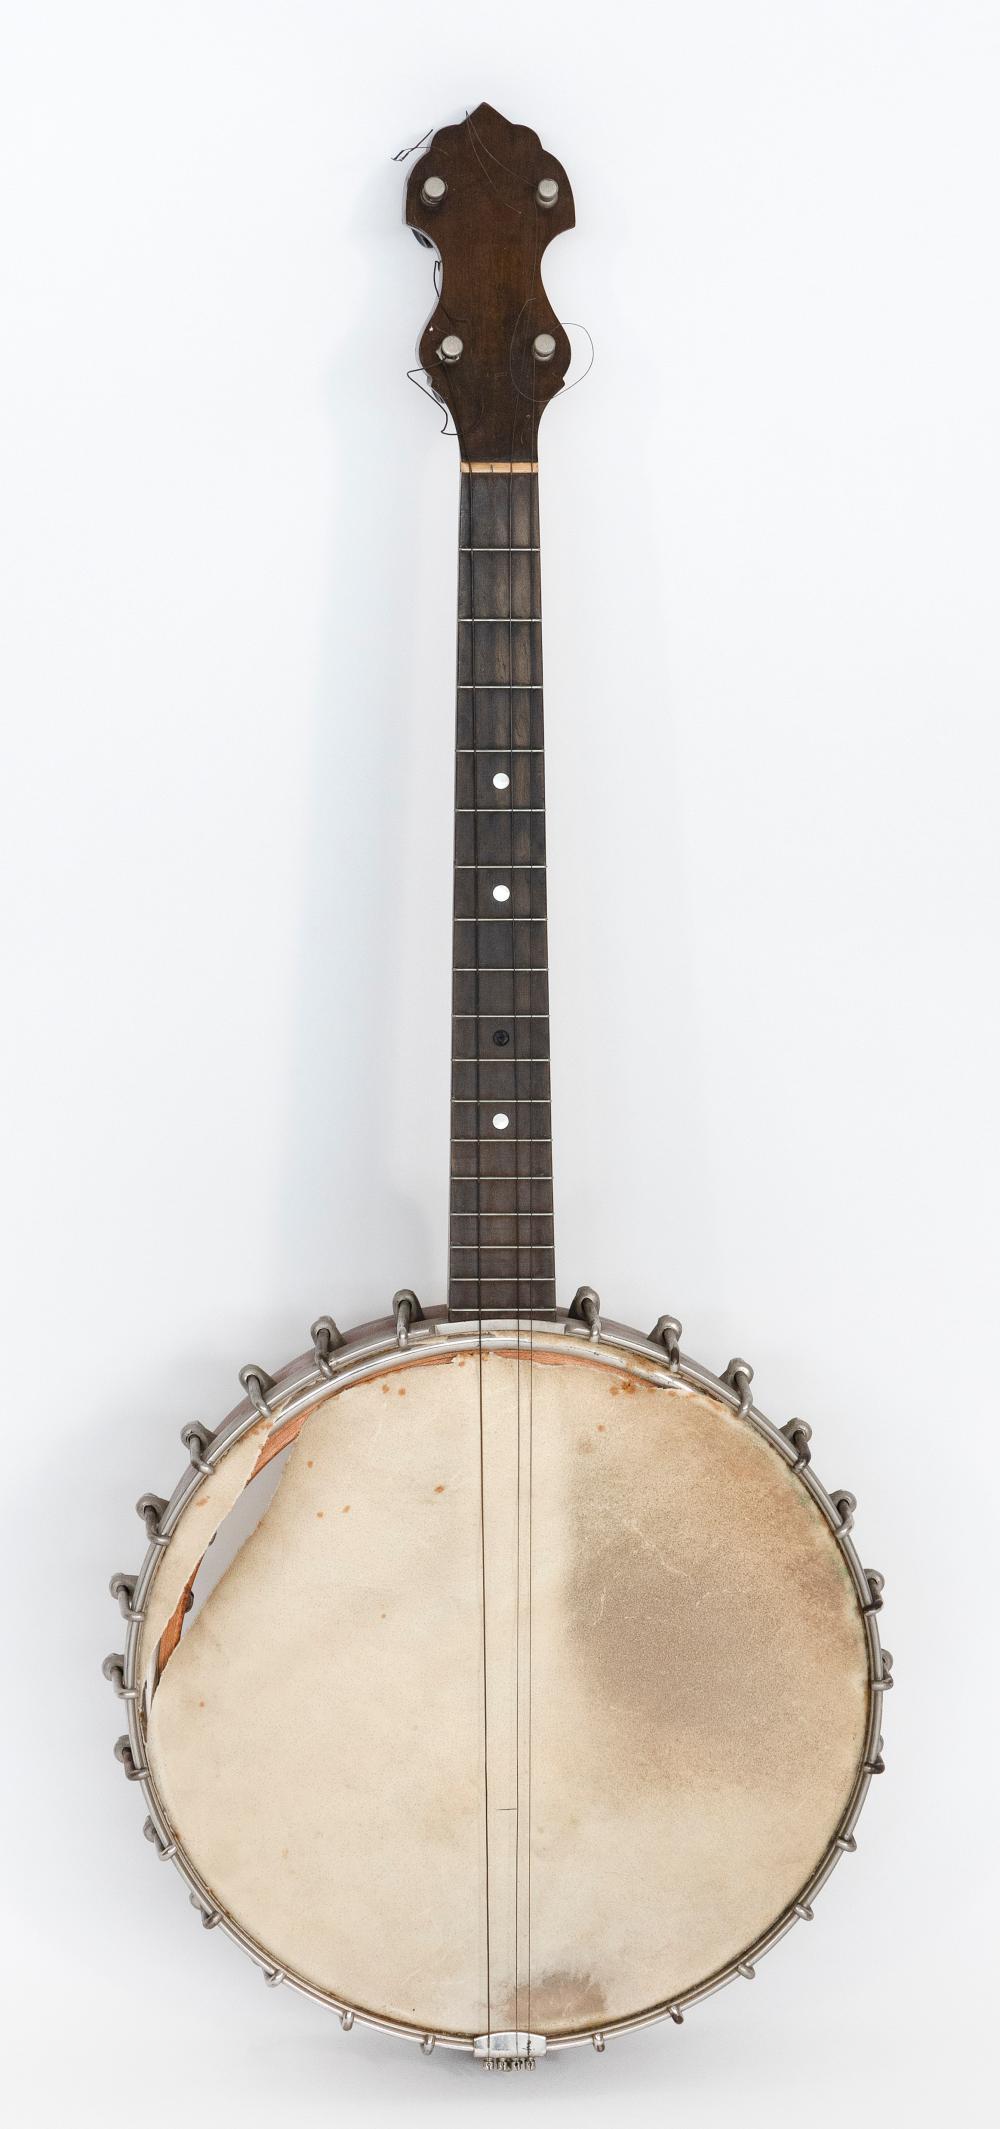 """VINTAGE FAIRBANKS TYPE """"N"""" BANJO America, 1920s Banjo length 29.5""""."""